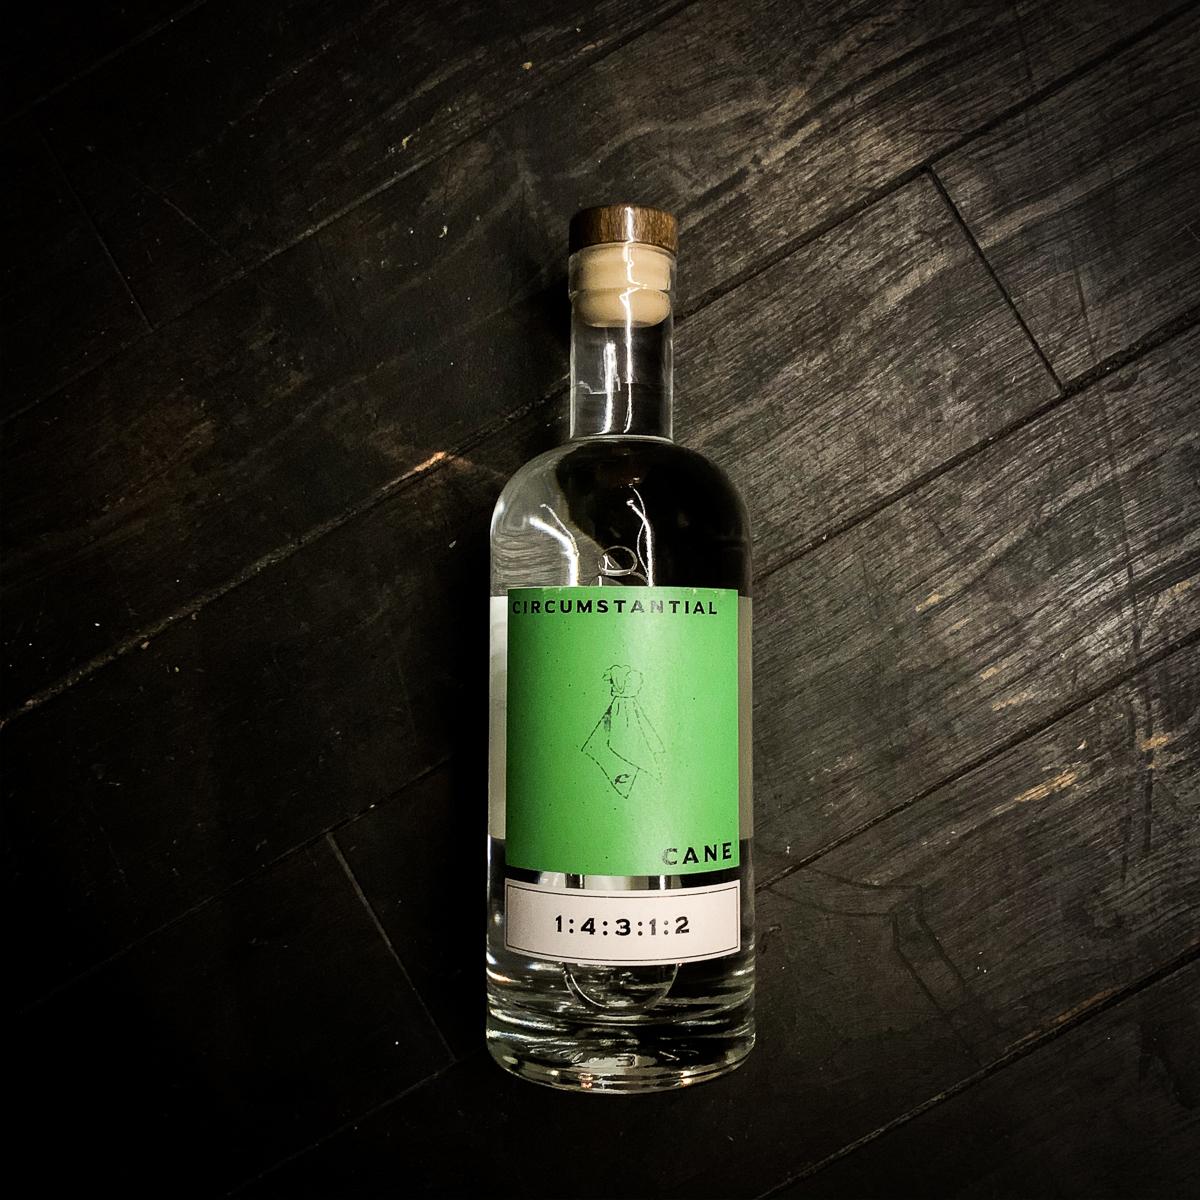 Circumstantial Cane Rum